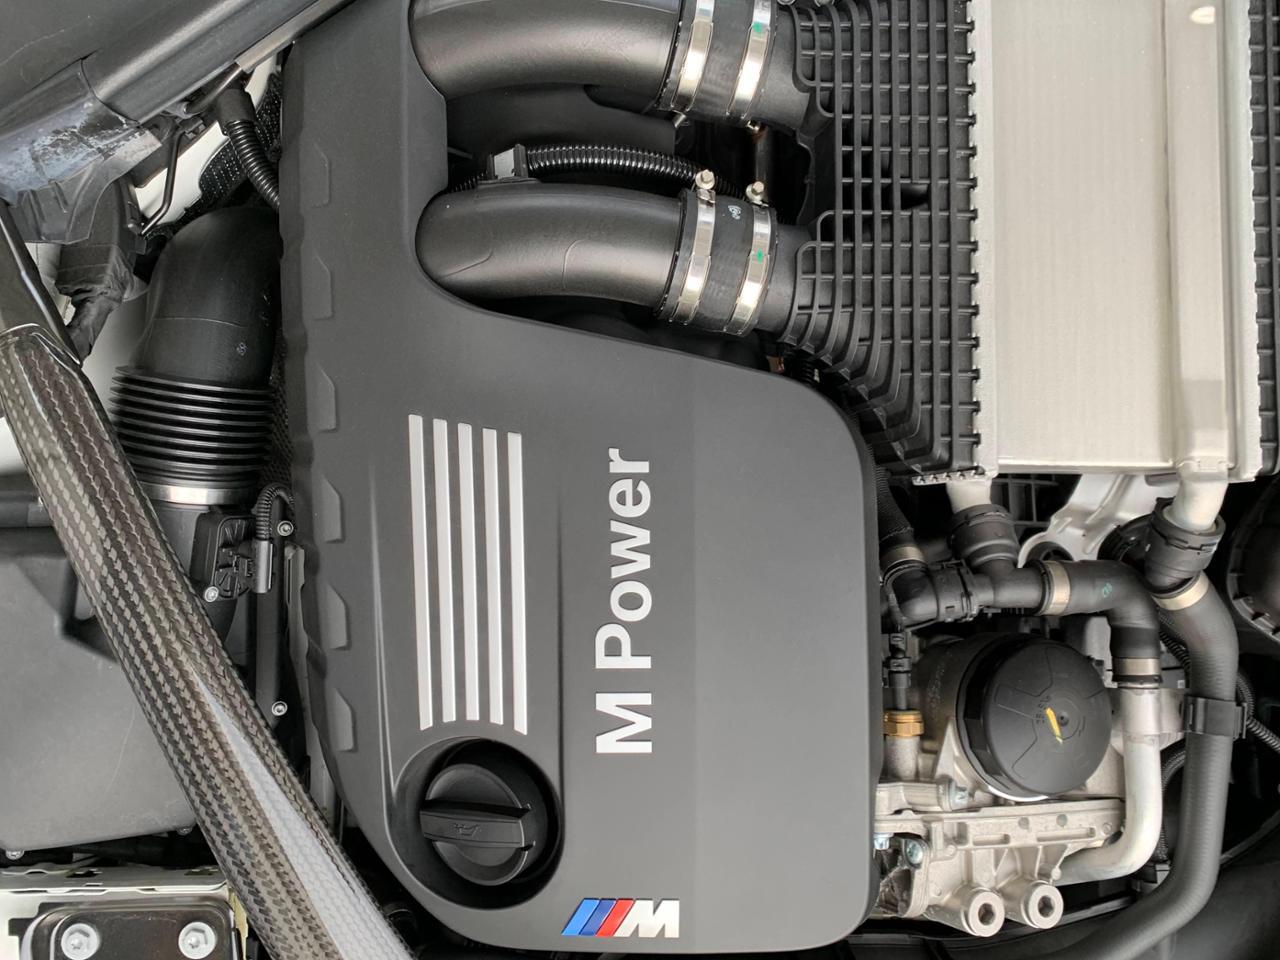 BMW(純正) 直6エンジン + 純正マフラー + フラップ開閉デバイス